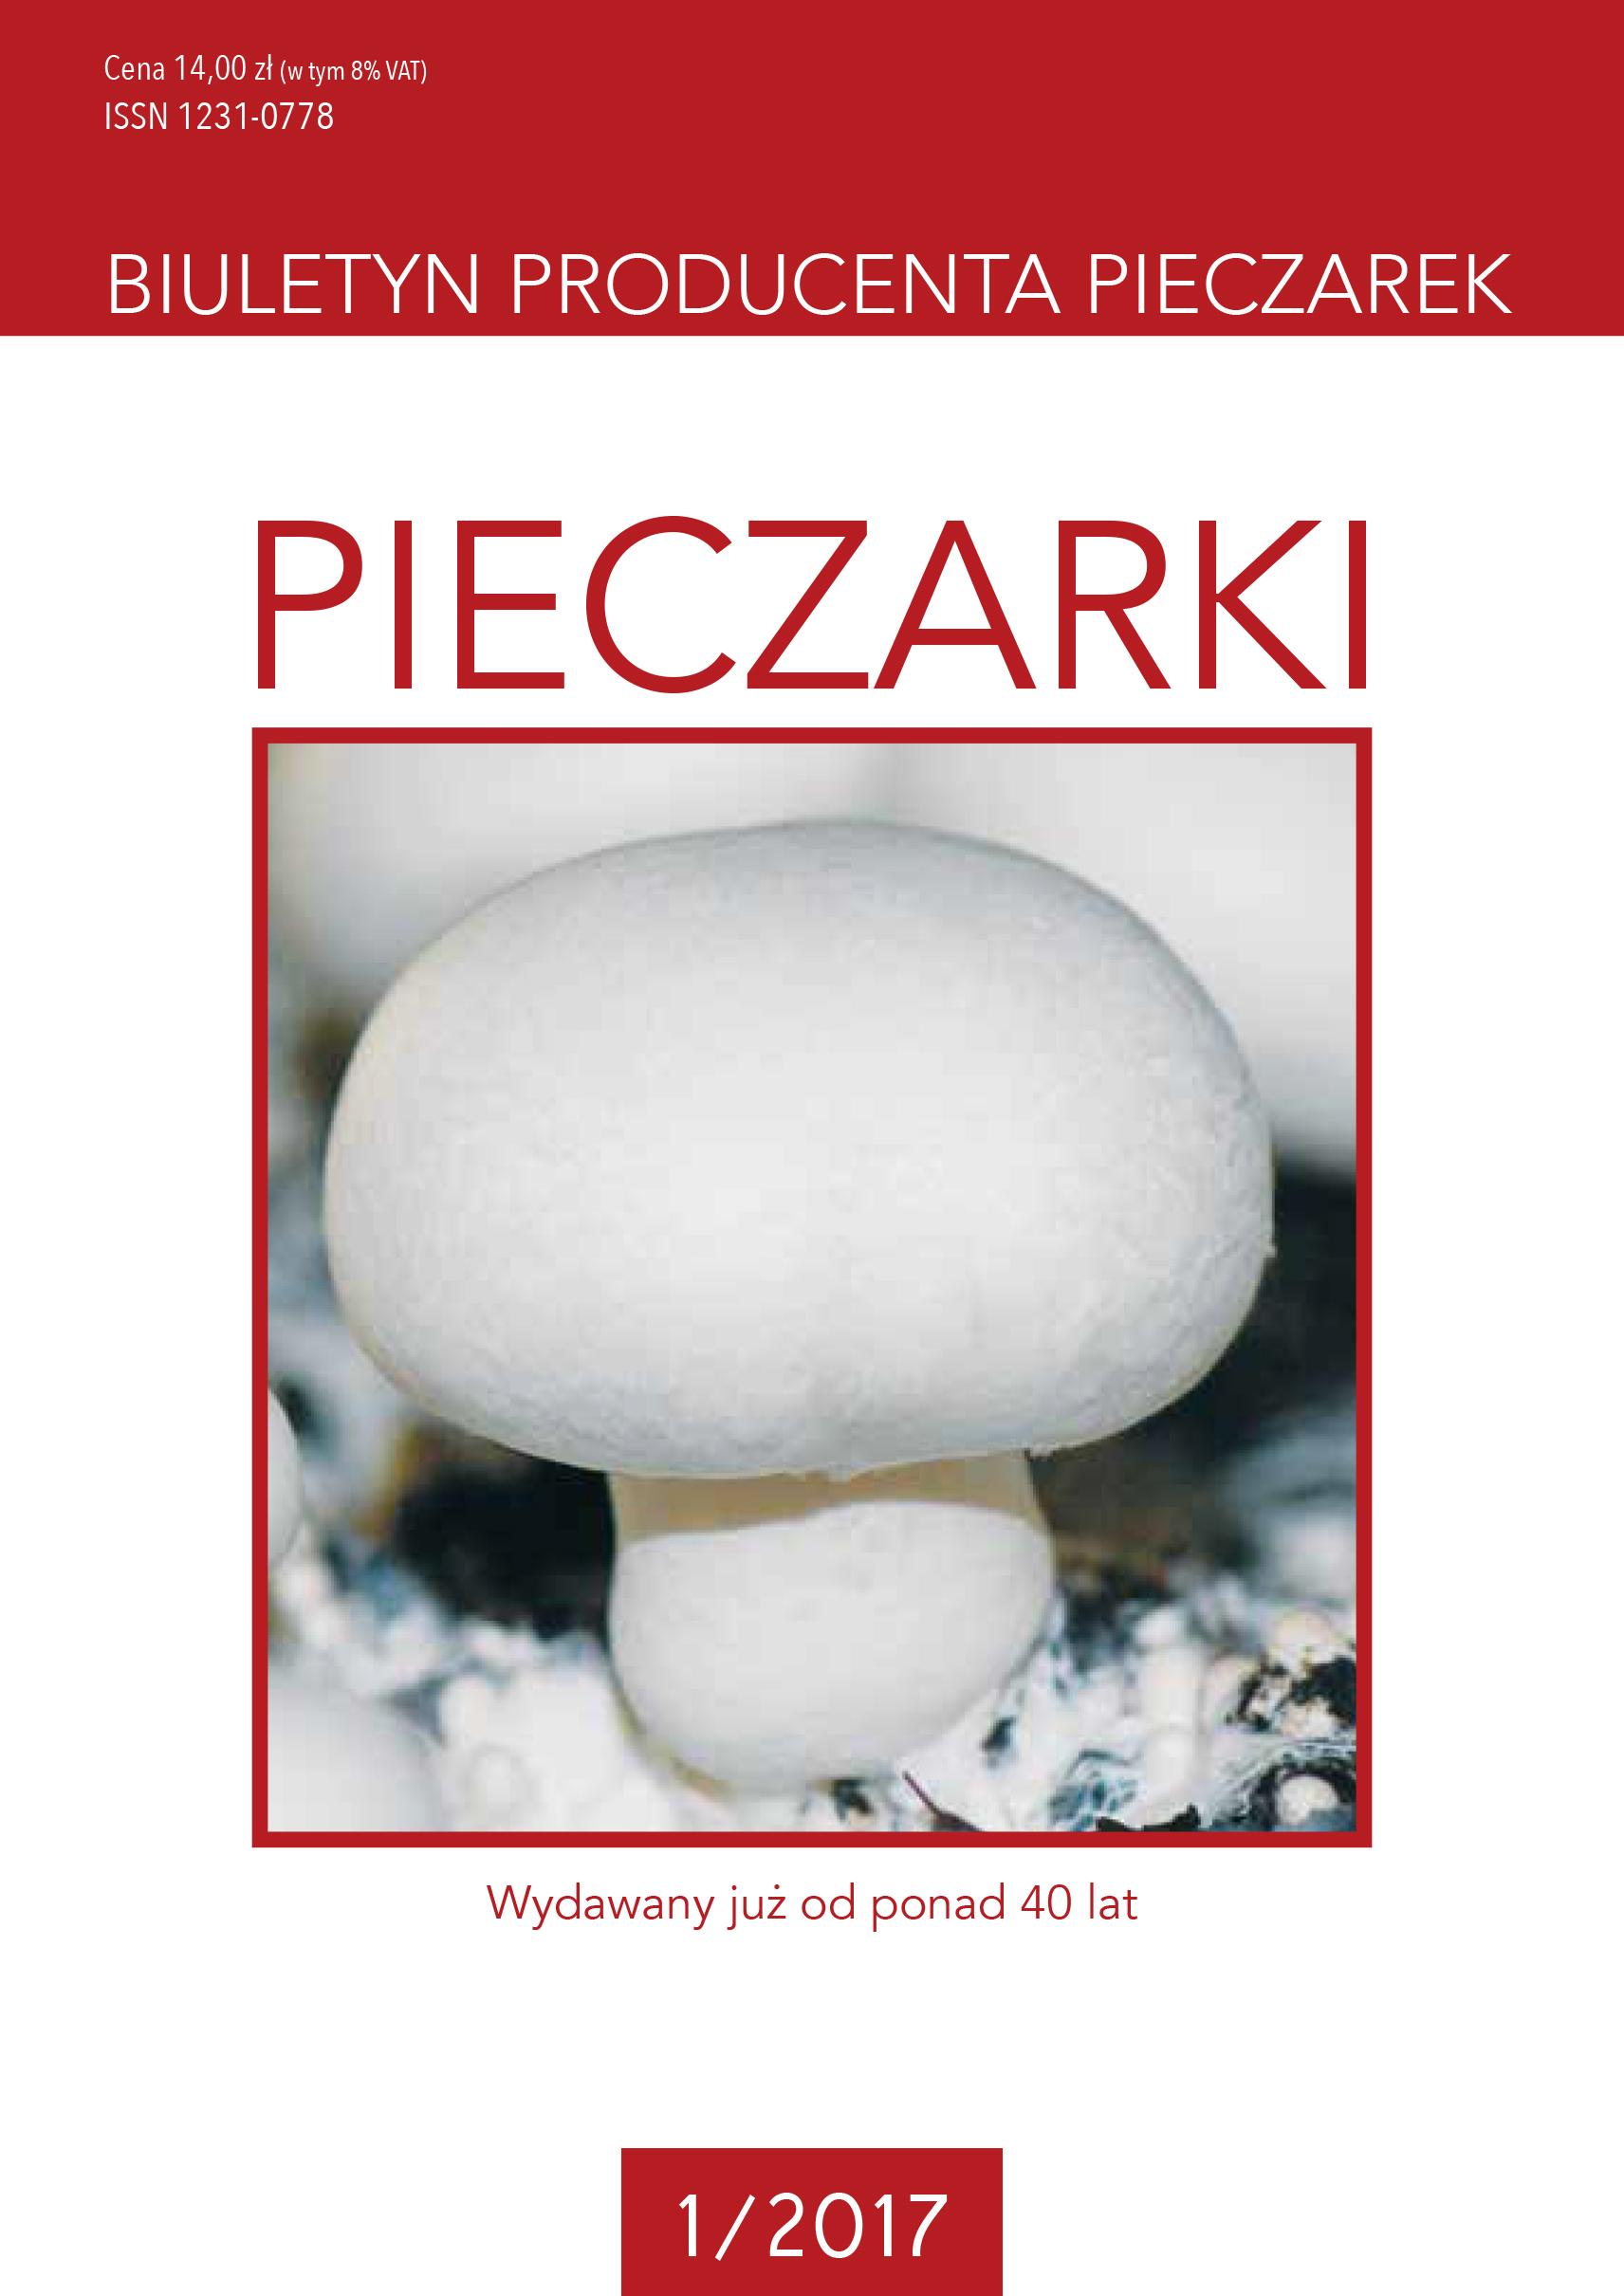 biuletyn_pieczarki_1_2017_okladka_internet